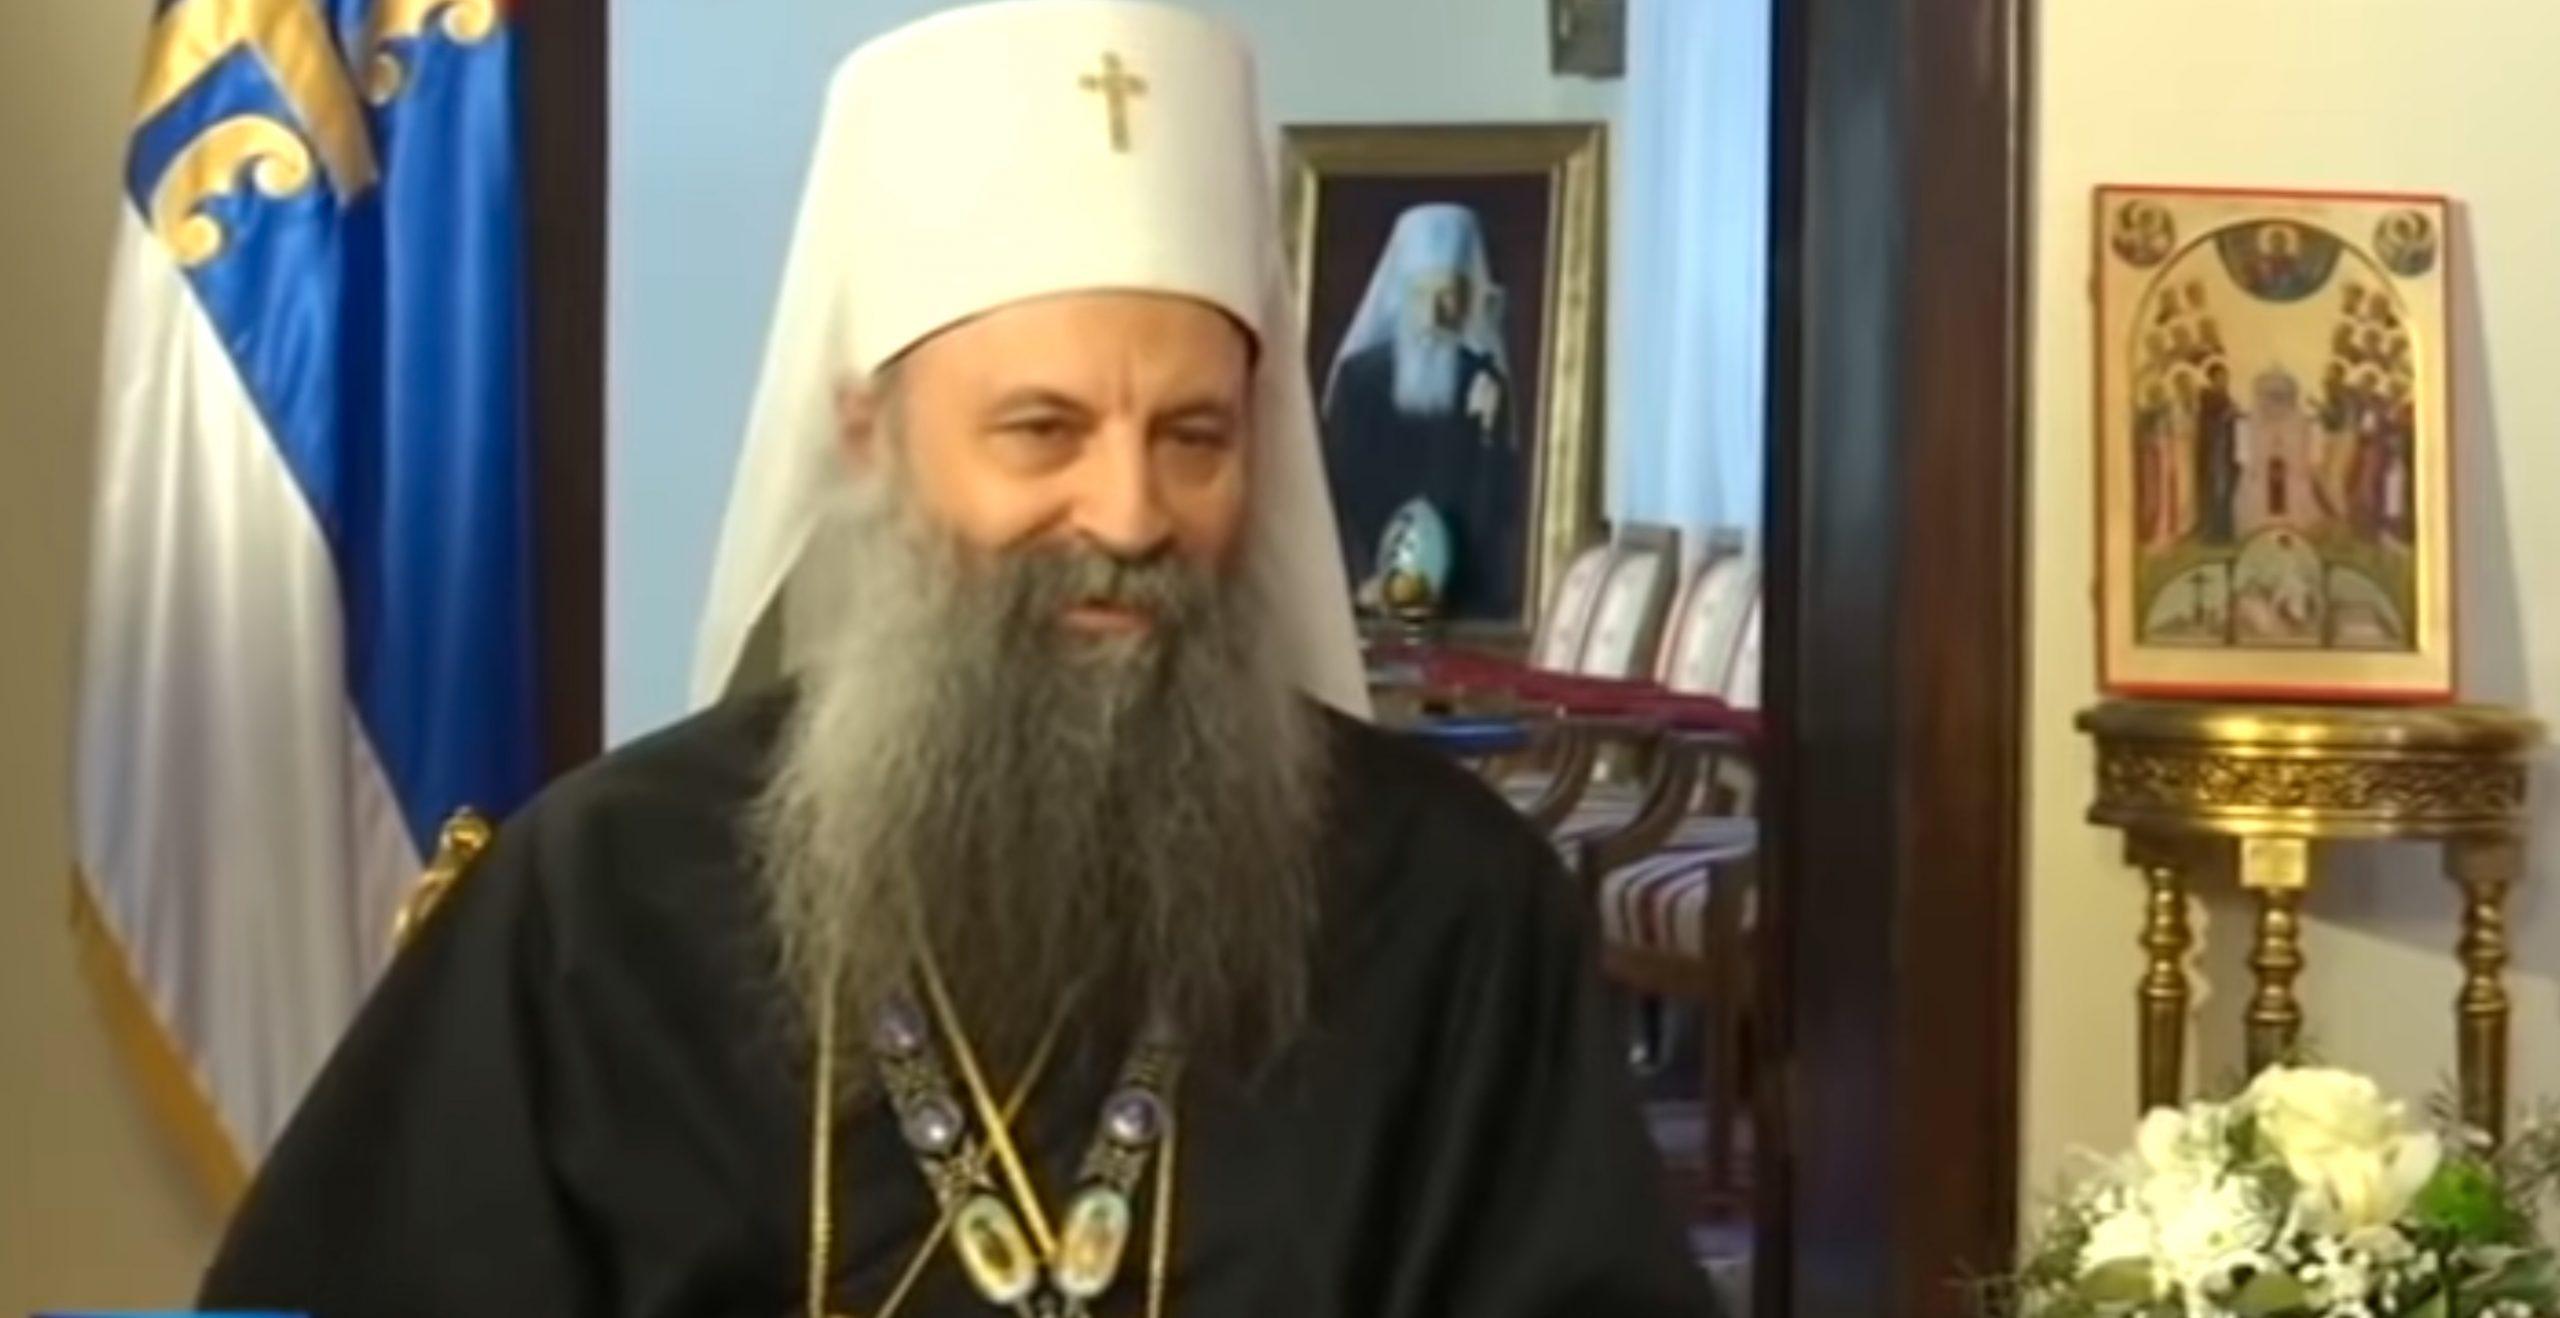 Le patriarche Porphyre : « Pour nous, le Kosovo n'est pas seulement une question géopolitique, mais c'est aussi une question d'identité »